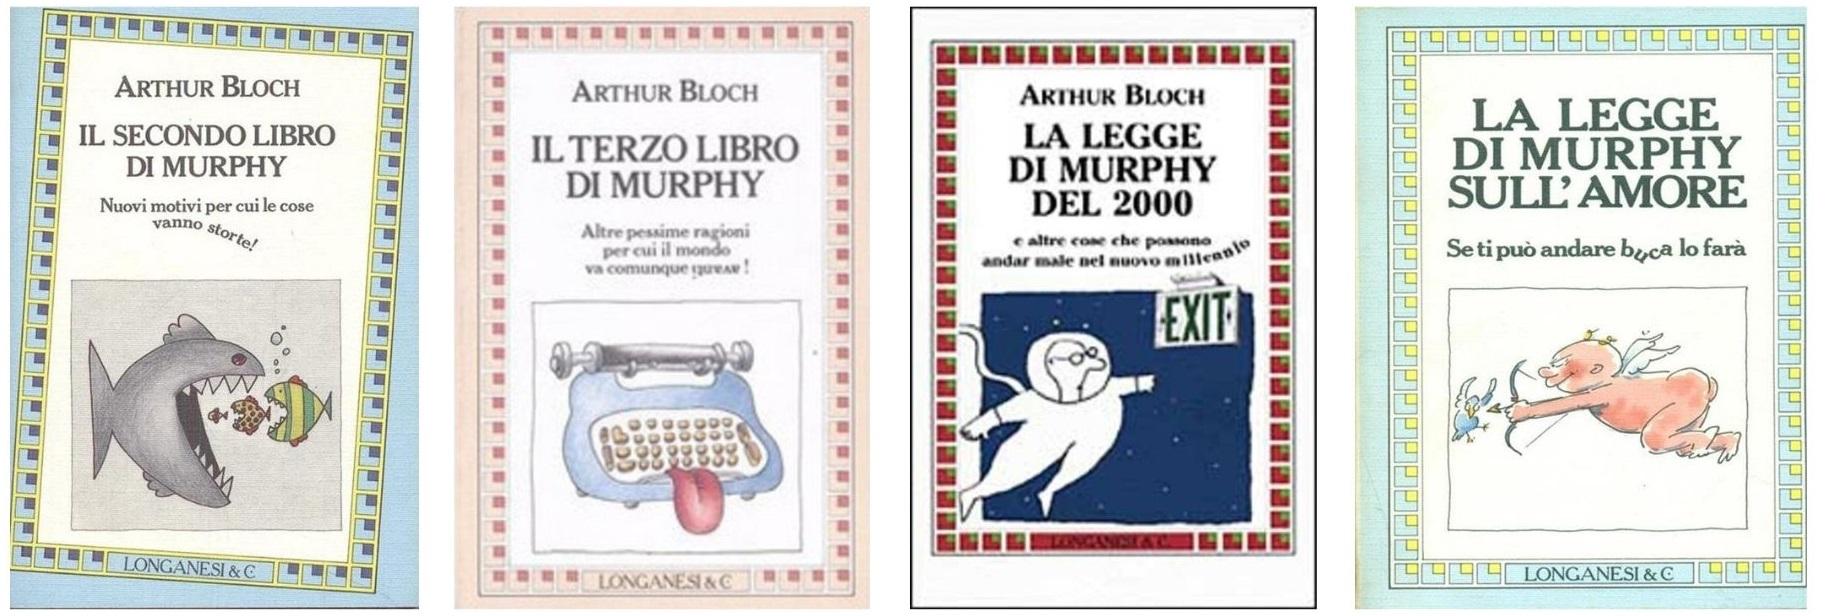 Le copertine dei libri sulla legge di Murphy successivi al primo